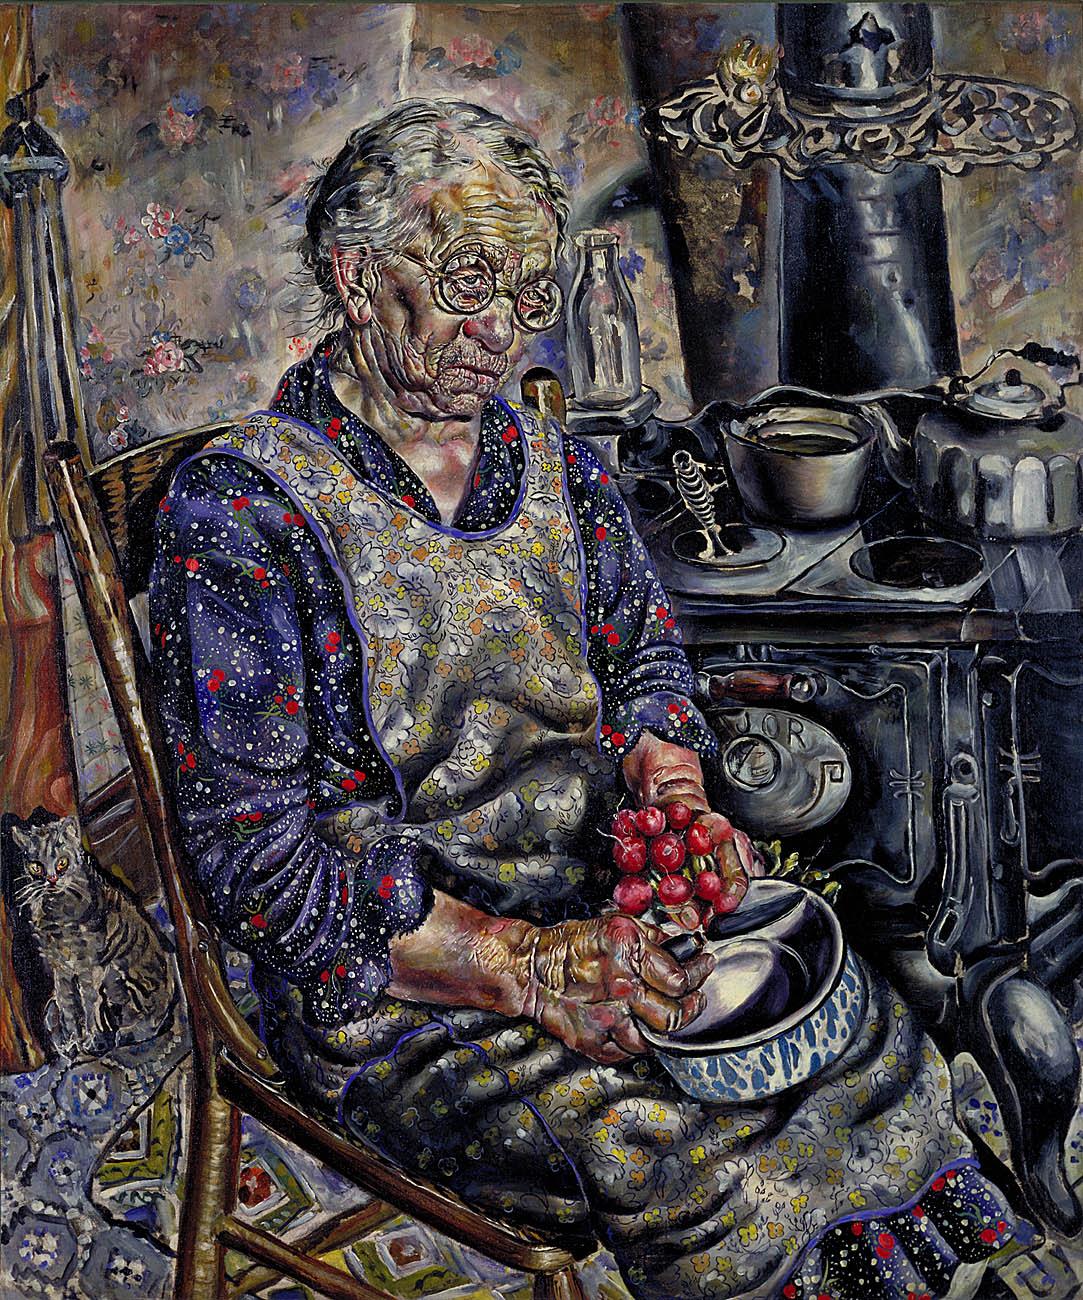 https://i0.wp.com/uploads4.wikipaintings.org/images/ivan-albright/the-farmer-s-kitchen.jpg